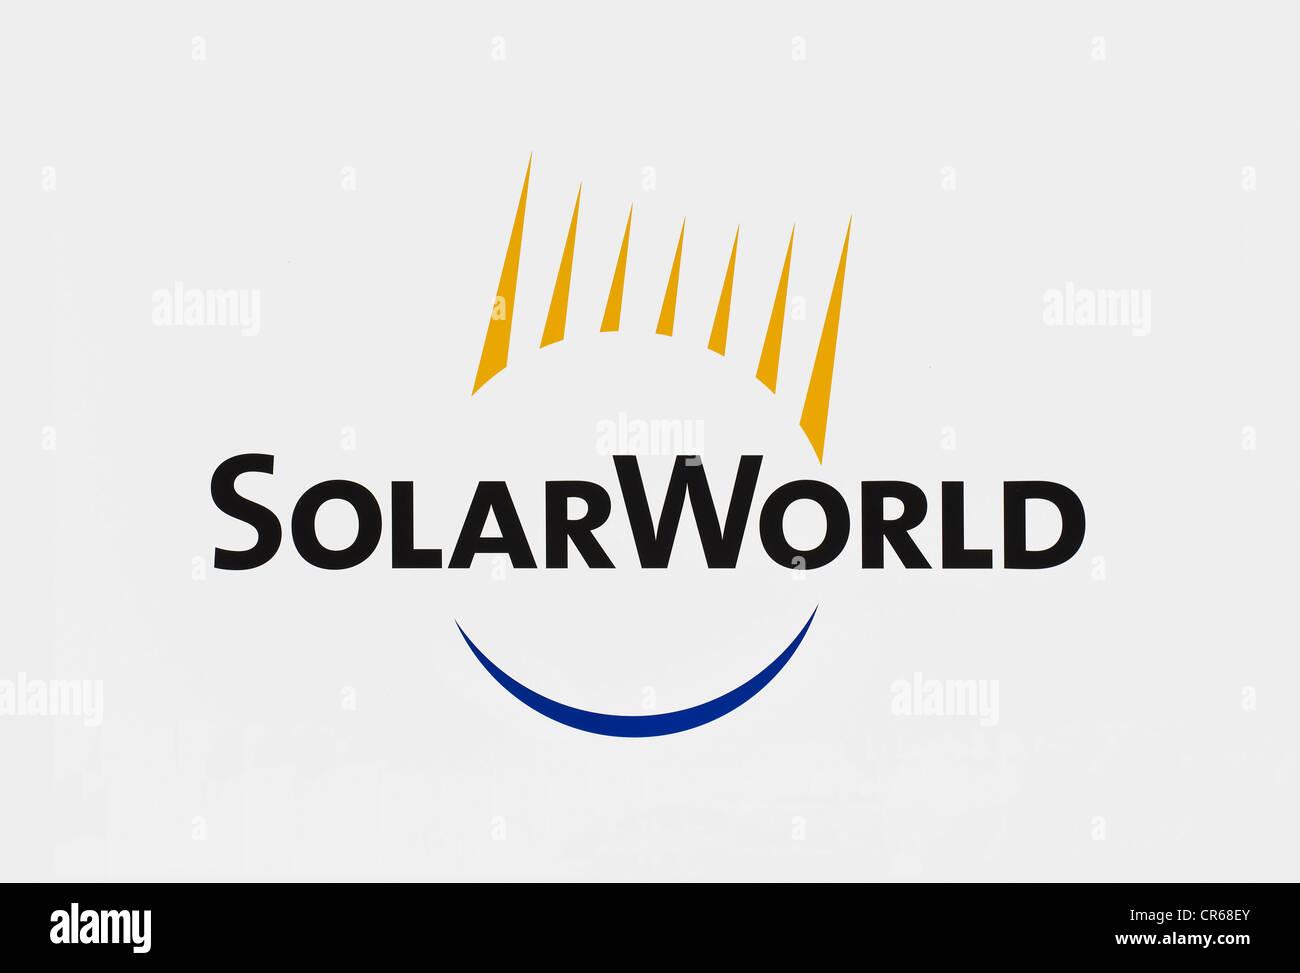 SolarWorld, Logo of SolarWorld AG - Stock Image